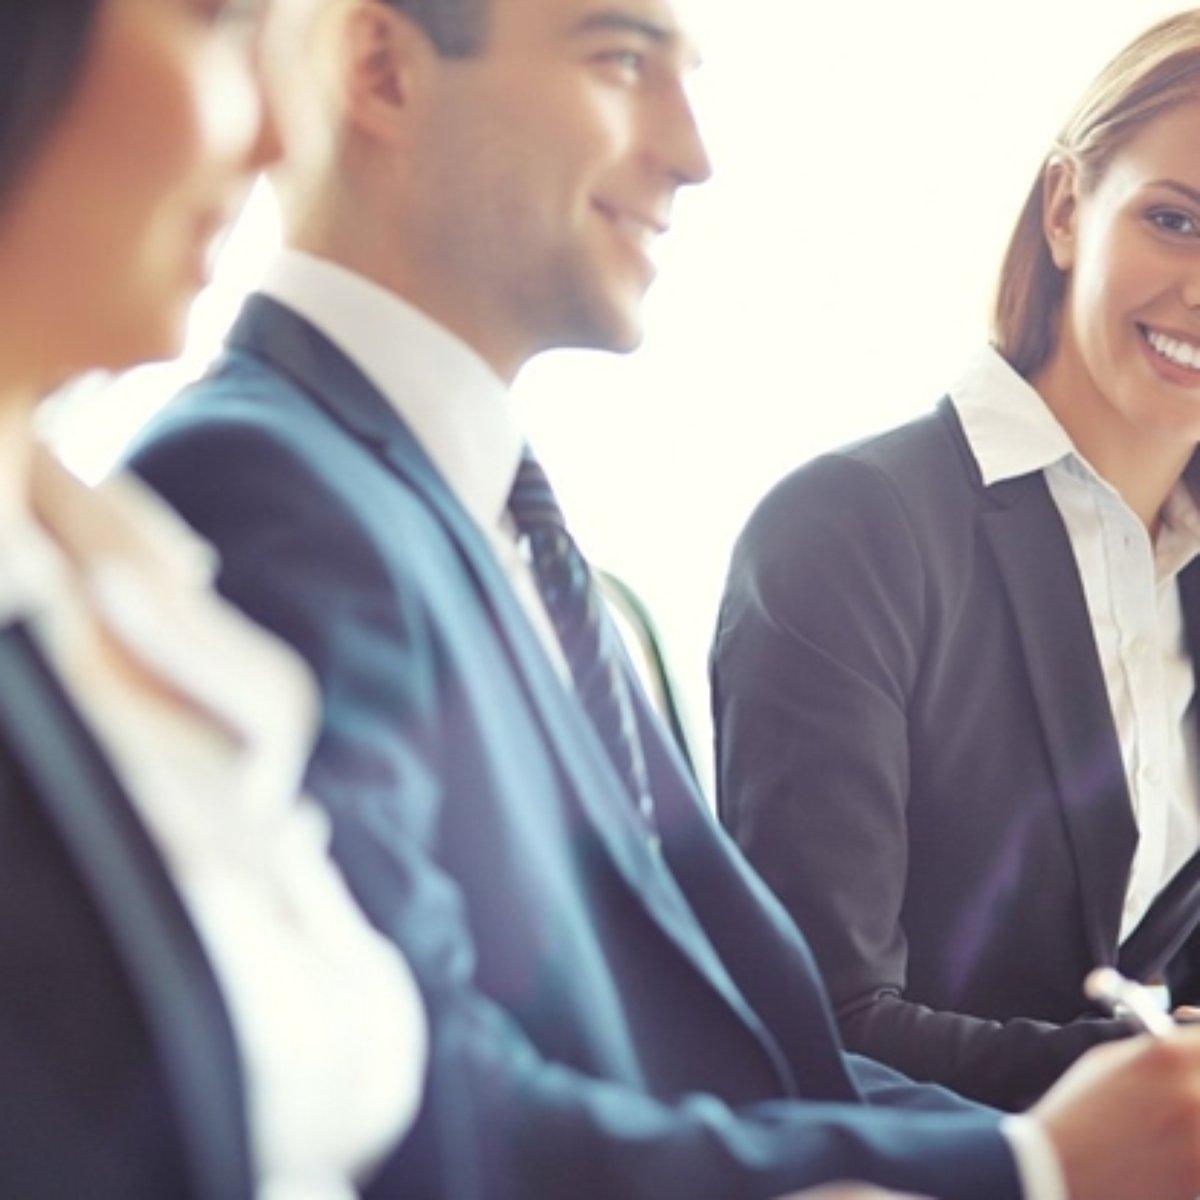 Empresas Investem Em Treinamentos Motivacionais Para